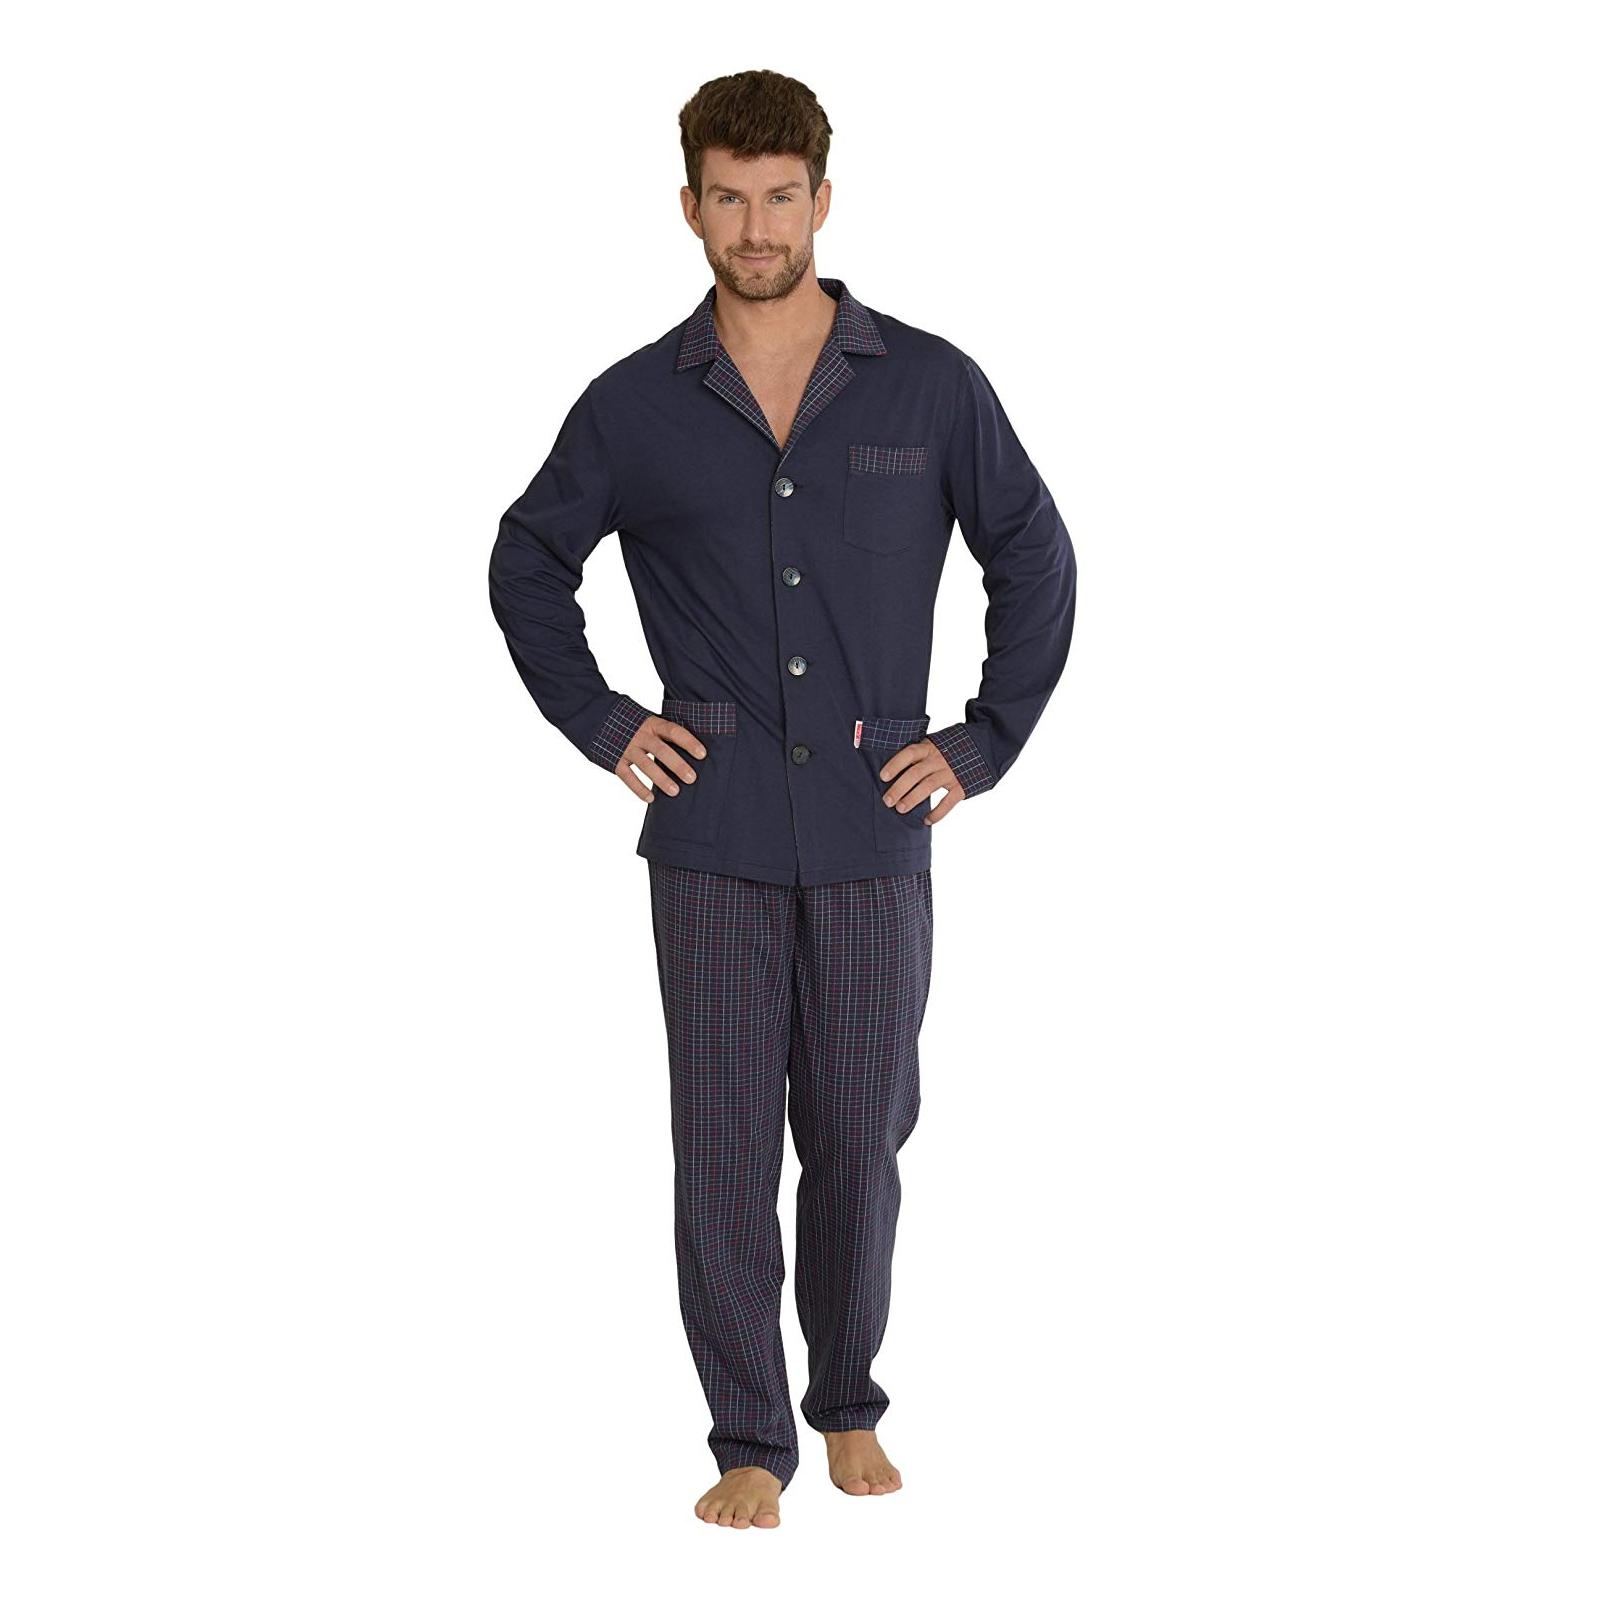 Herren Schlafanzug Oberteil Knopfleiste hellgrau 100 /% Baumwolle Größen M XXXL